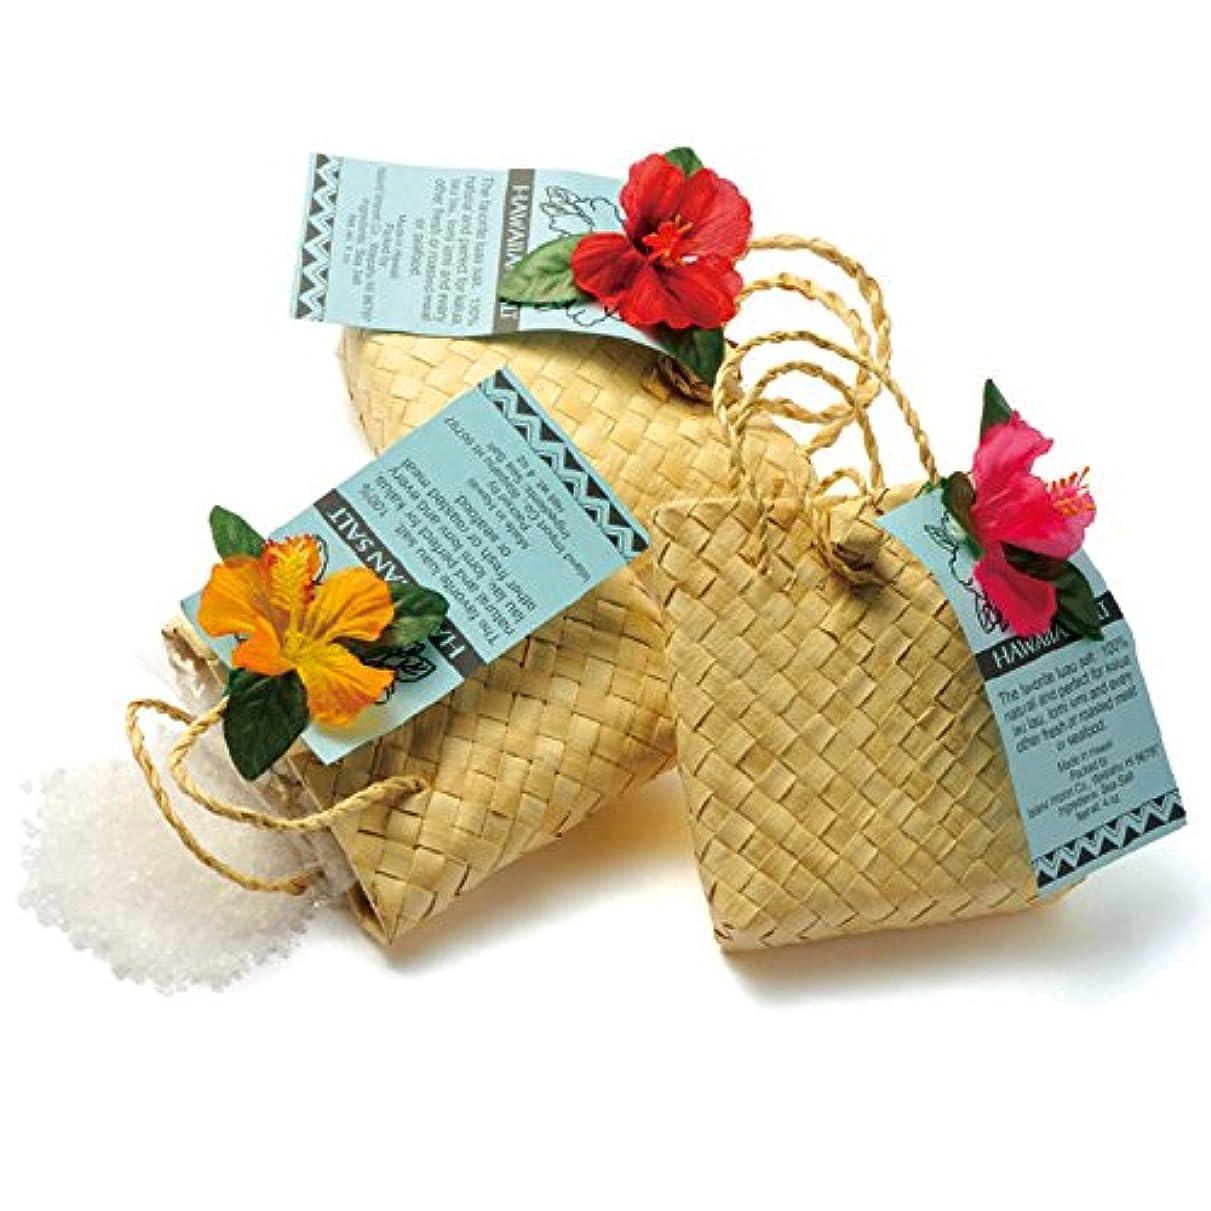 回復する散歩雷雨ハワイ 土産 ハワイ ソルトバッグ入り 3袋セット (海外旅行 ハワイ お土産)